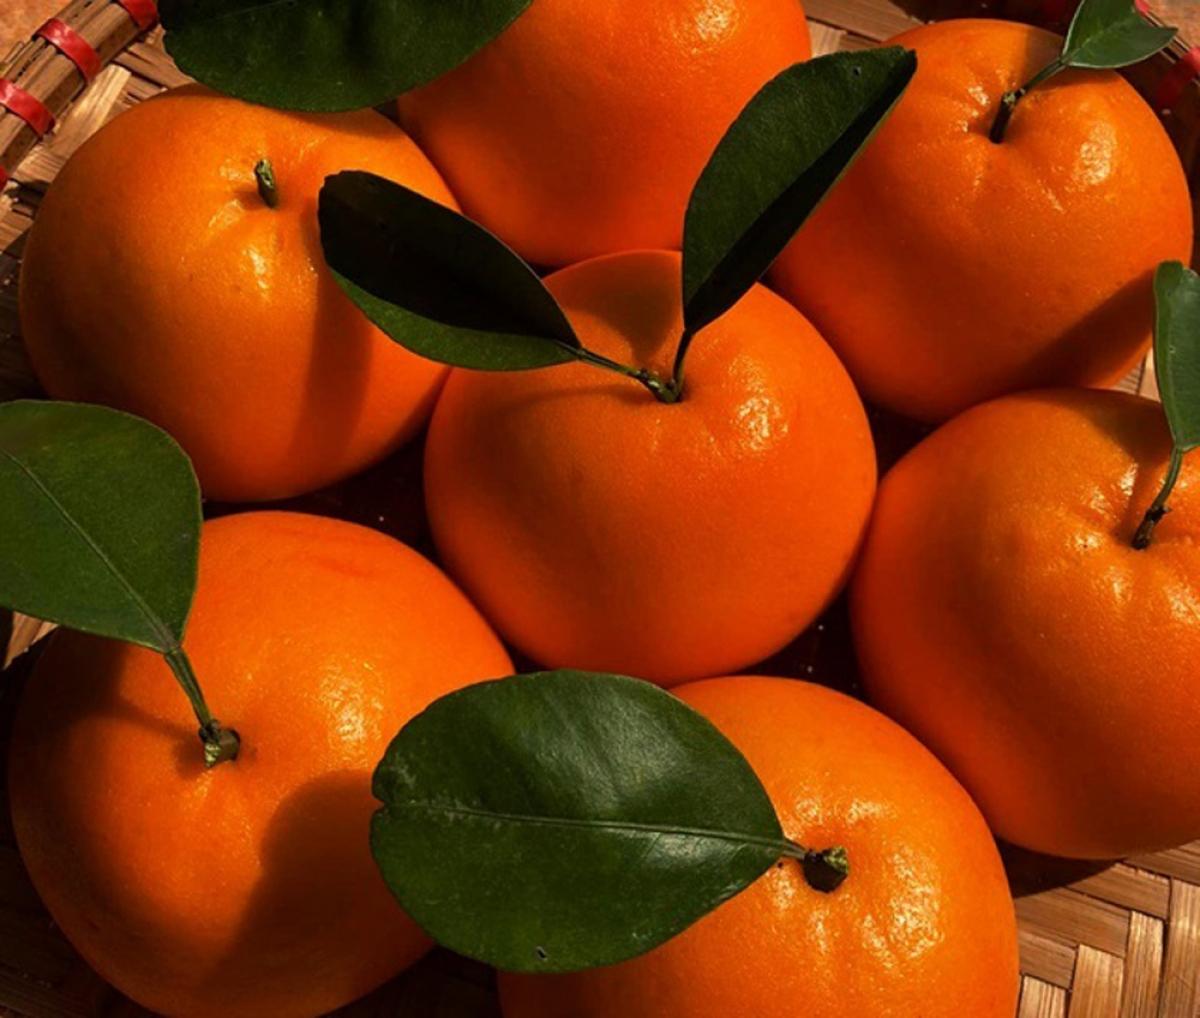 Bánh bao được tạo hình giống hệt trái quýt rất đẹp mắt. (Ảnh: VTC News)